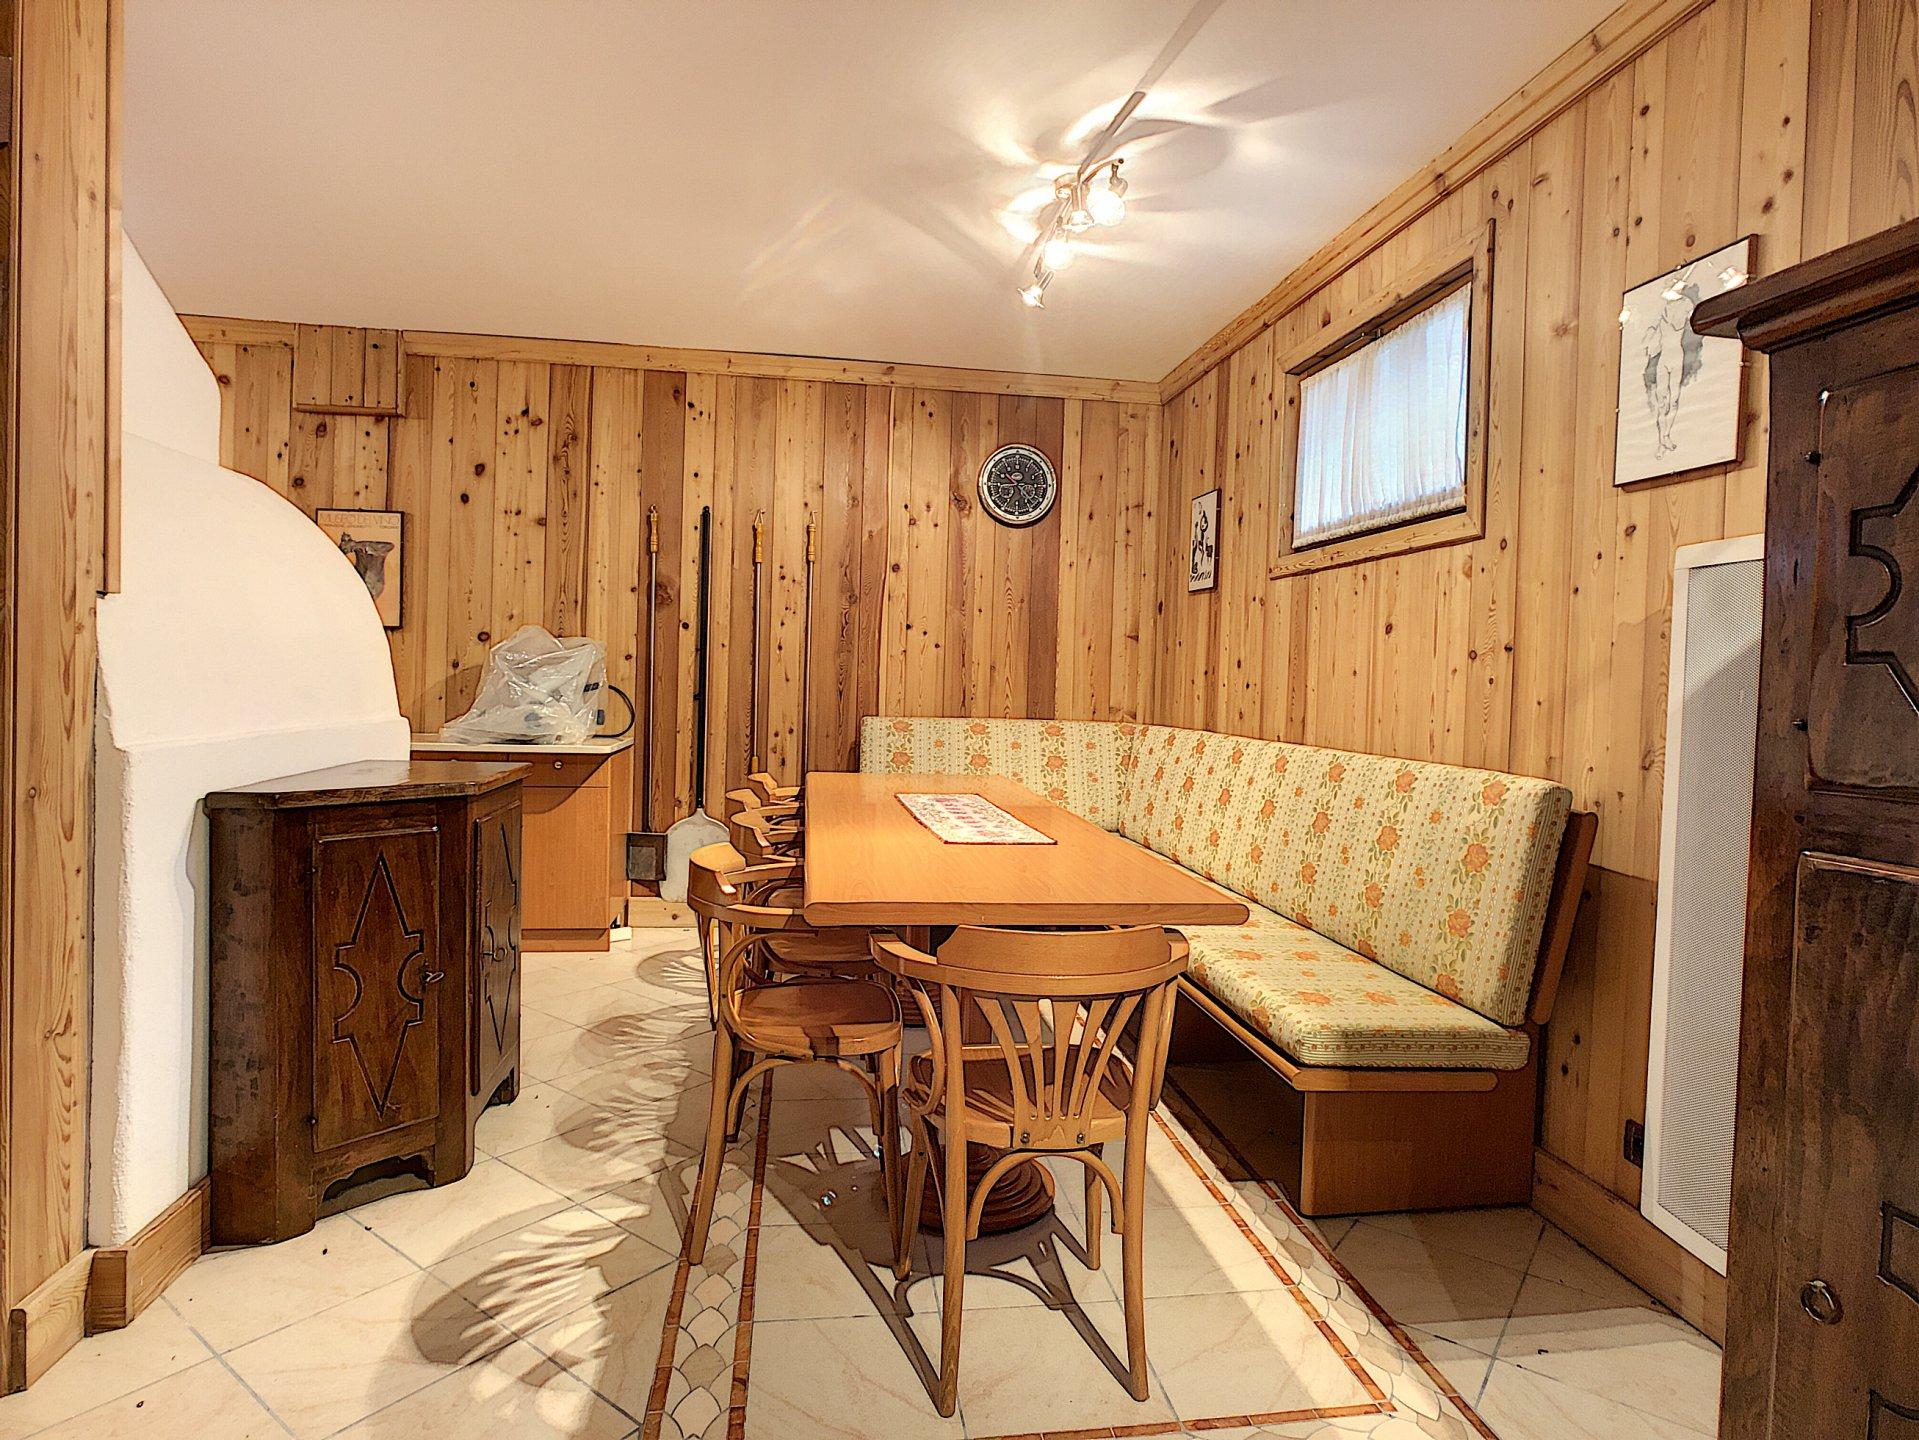 spaziosa taverna nel seminterrato